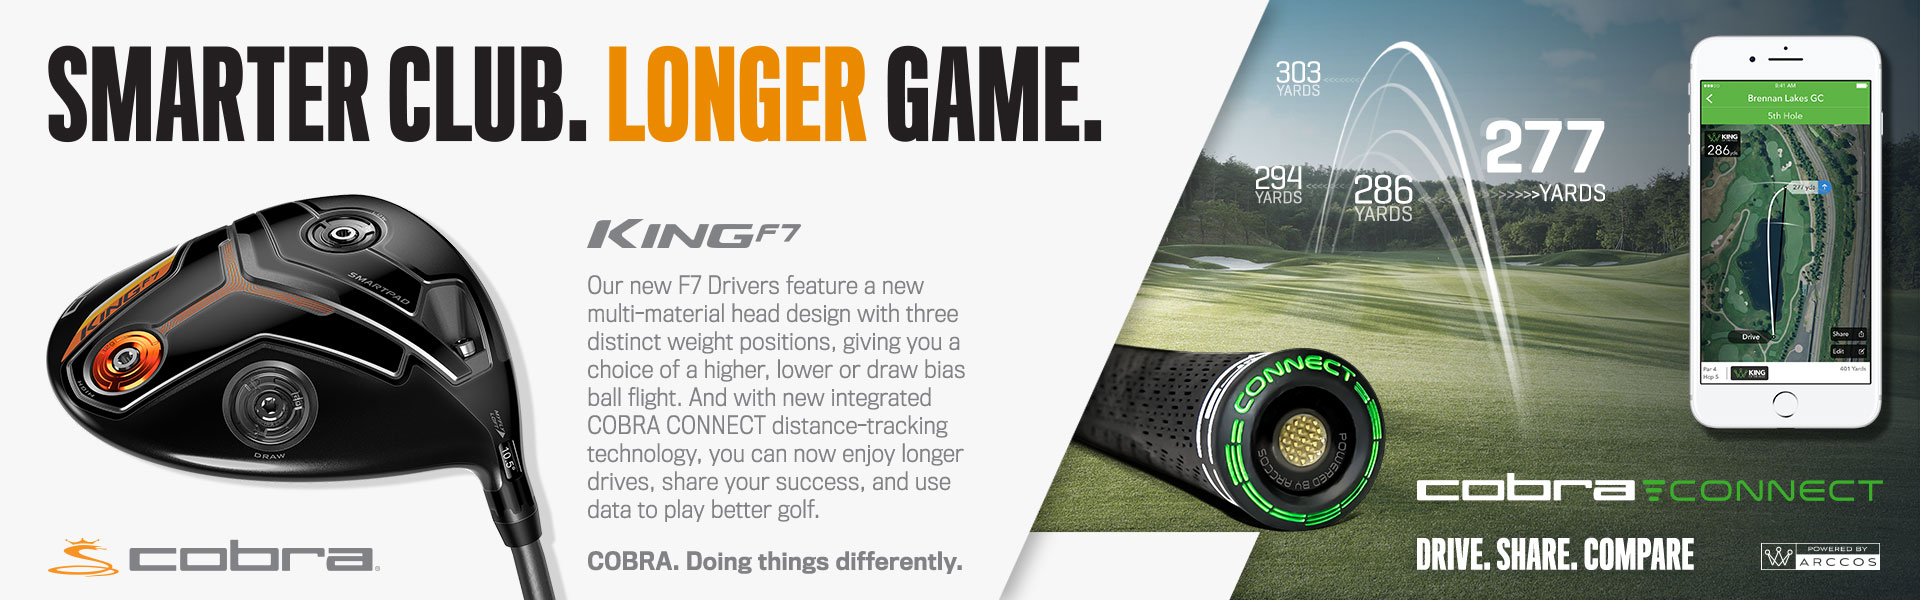 Cobra Golf King F7 Driver